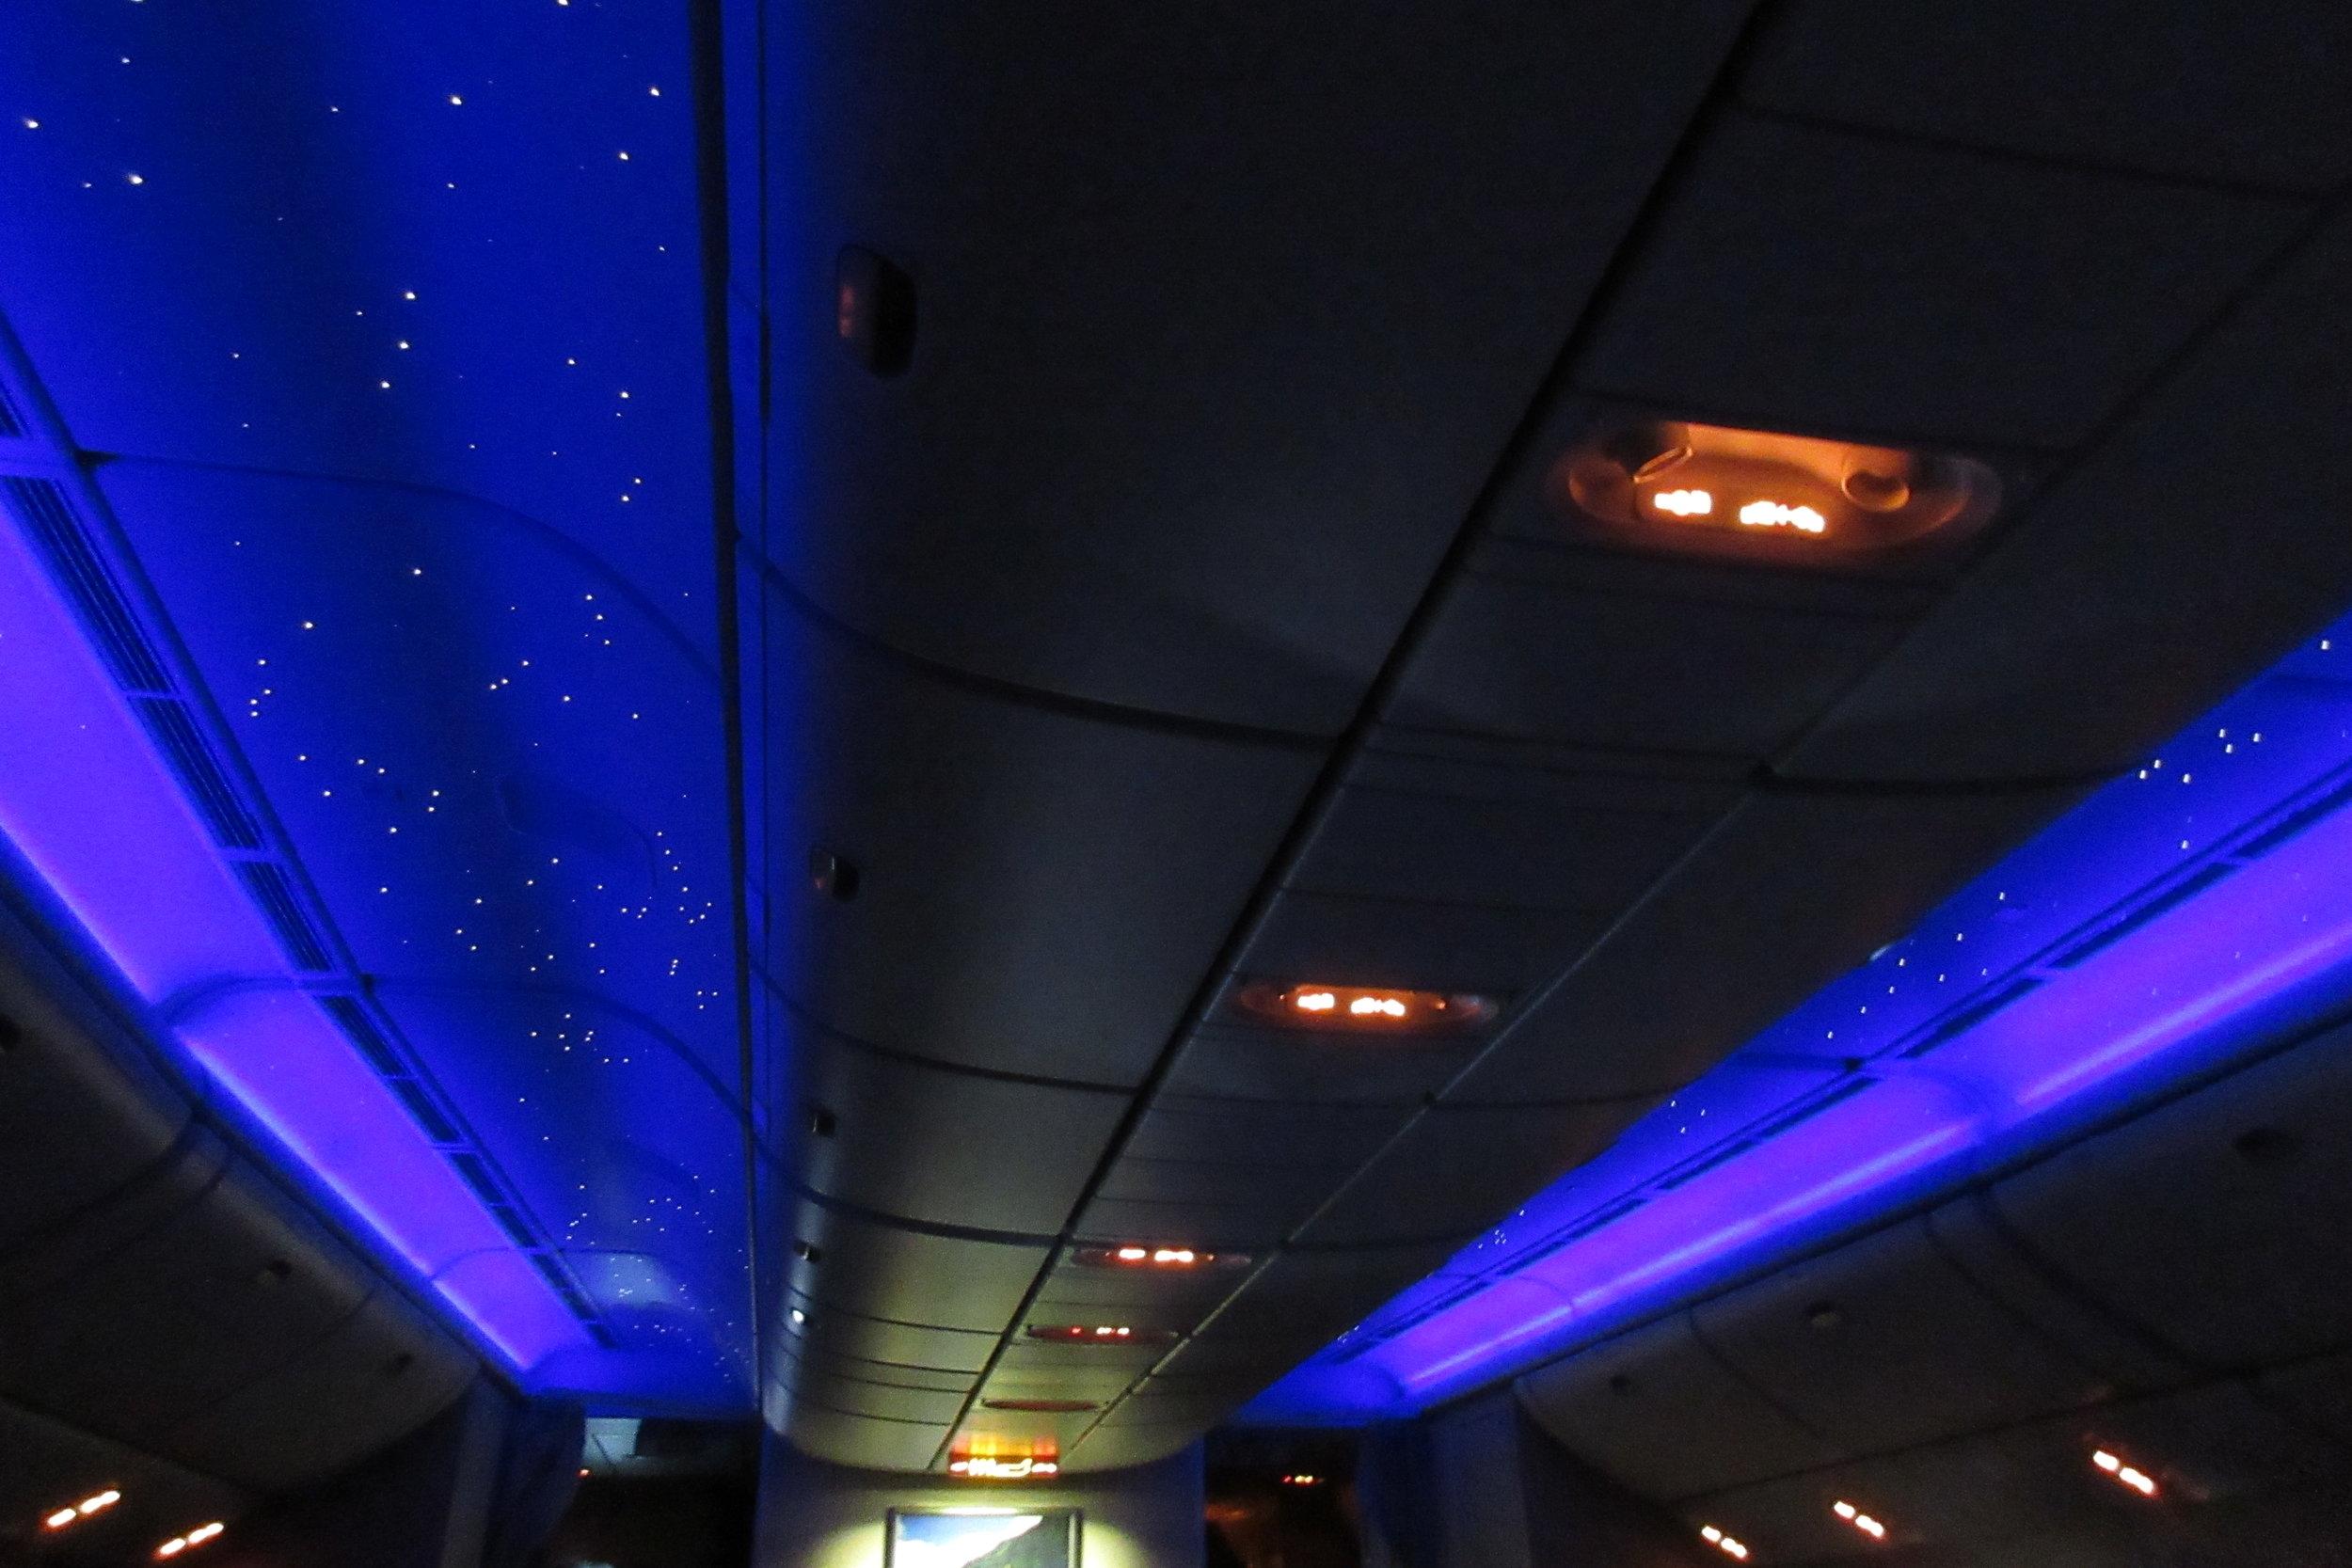 """EVA Air business class Toronto to Taipei – """"Starry night"""" cabin lighting"""